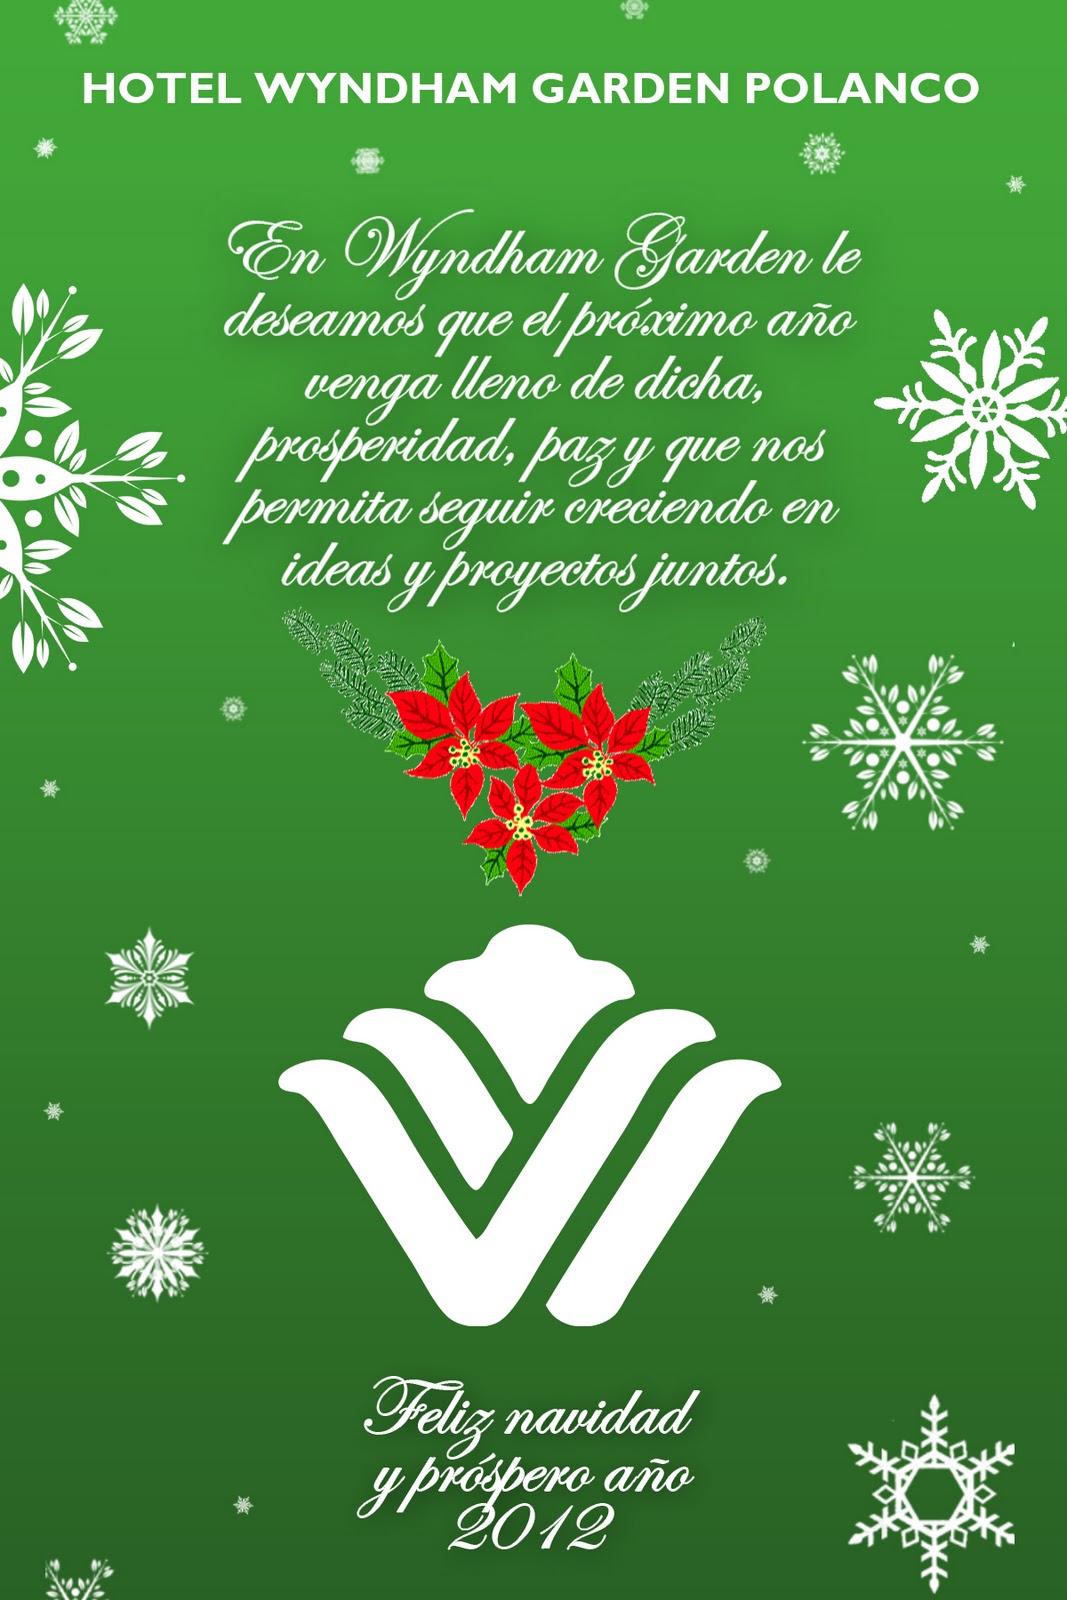 Carta De Felicitaciones De Navidad Y Ano Nuevo.Wyndham Garden Polanco Feliz Navidad Y Prospero Ano Nuevo